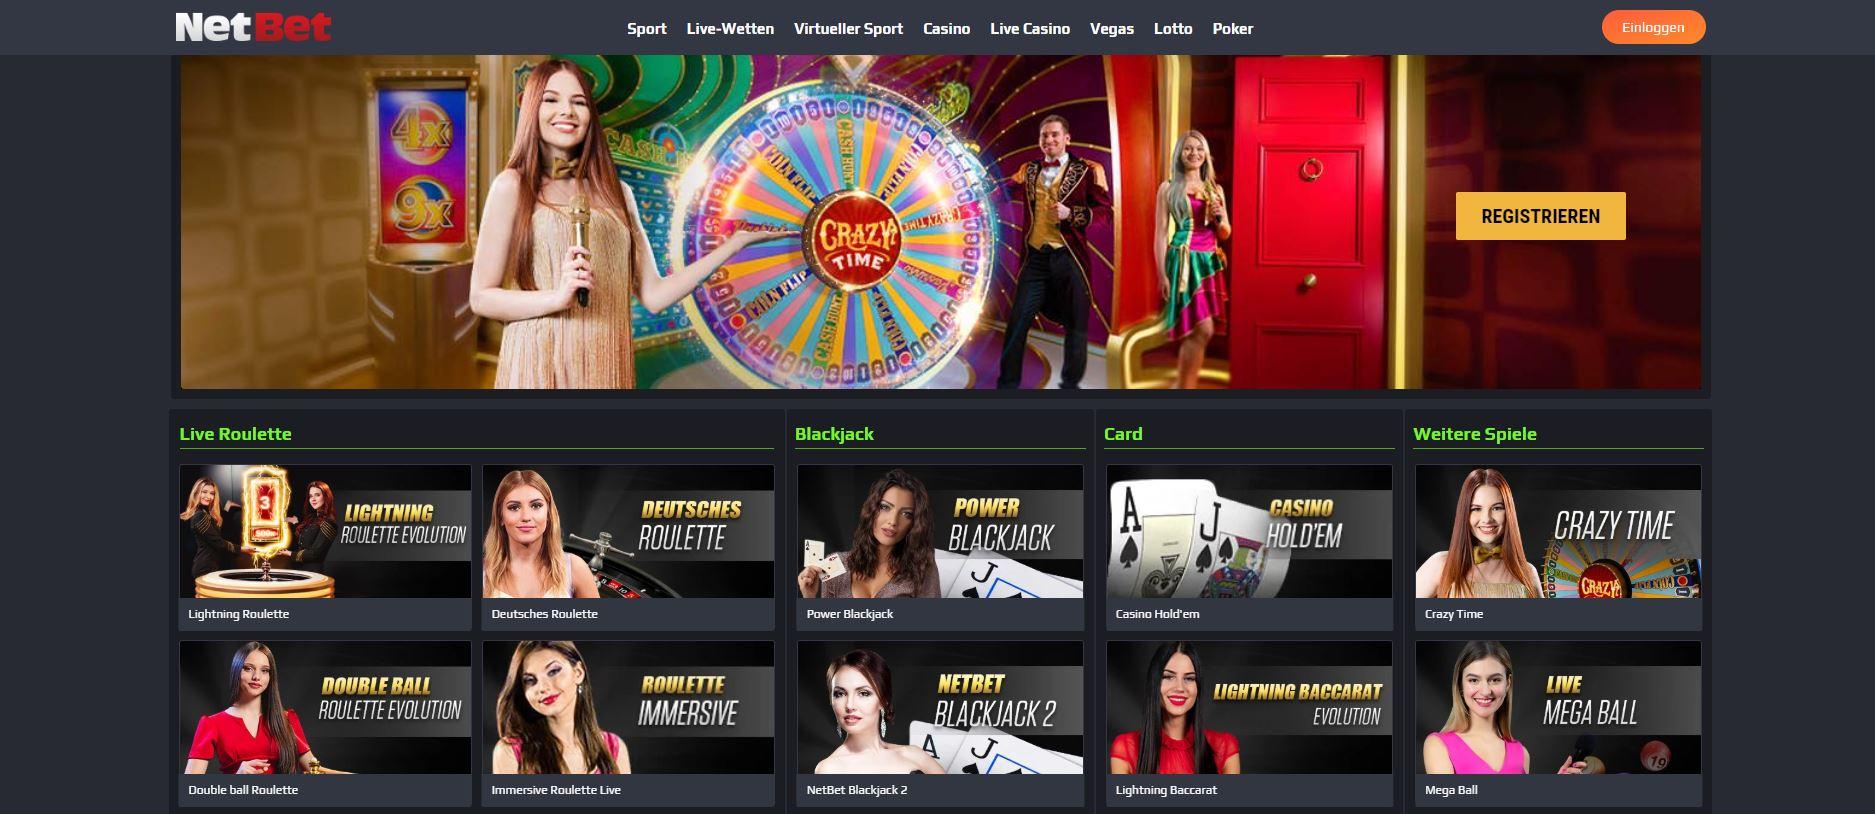 Der Live Dealer Bereich des NetBet Casinos.